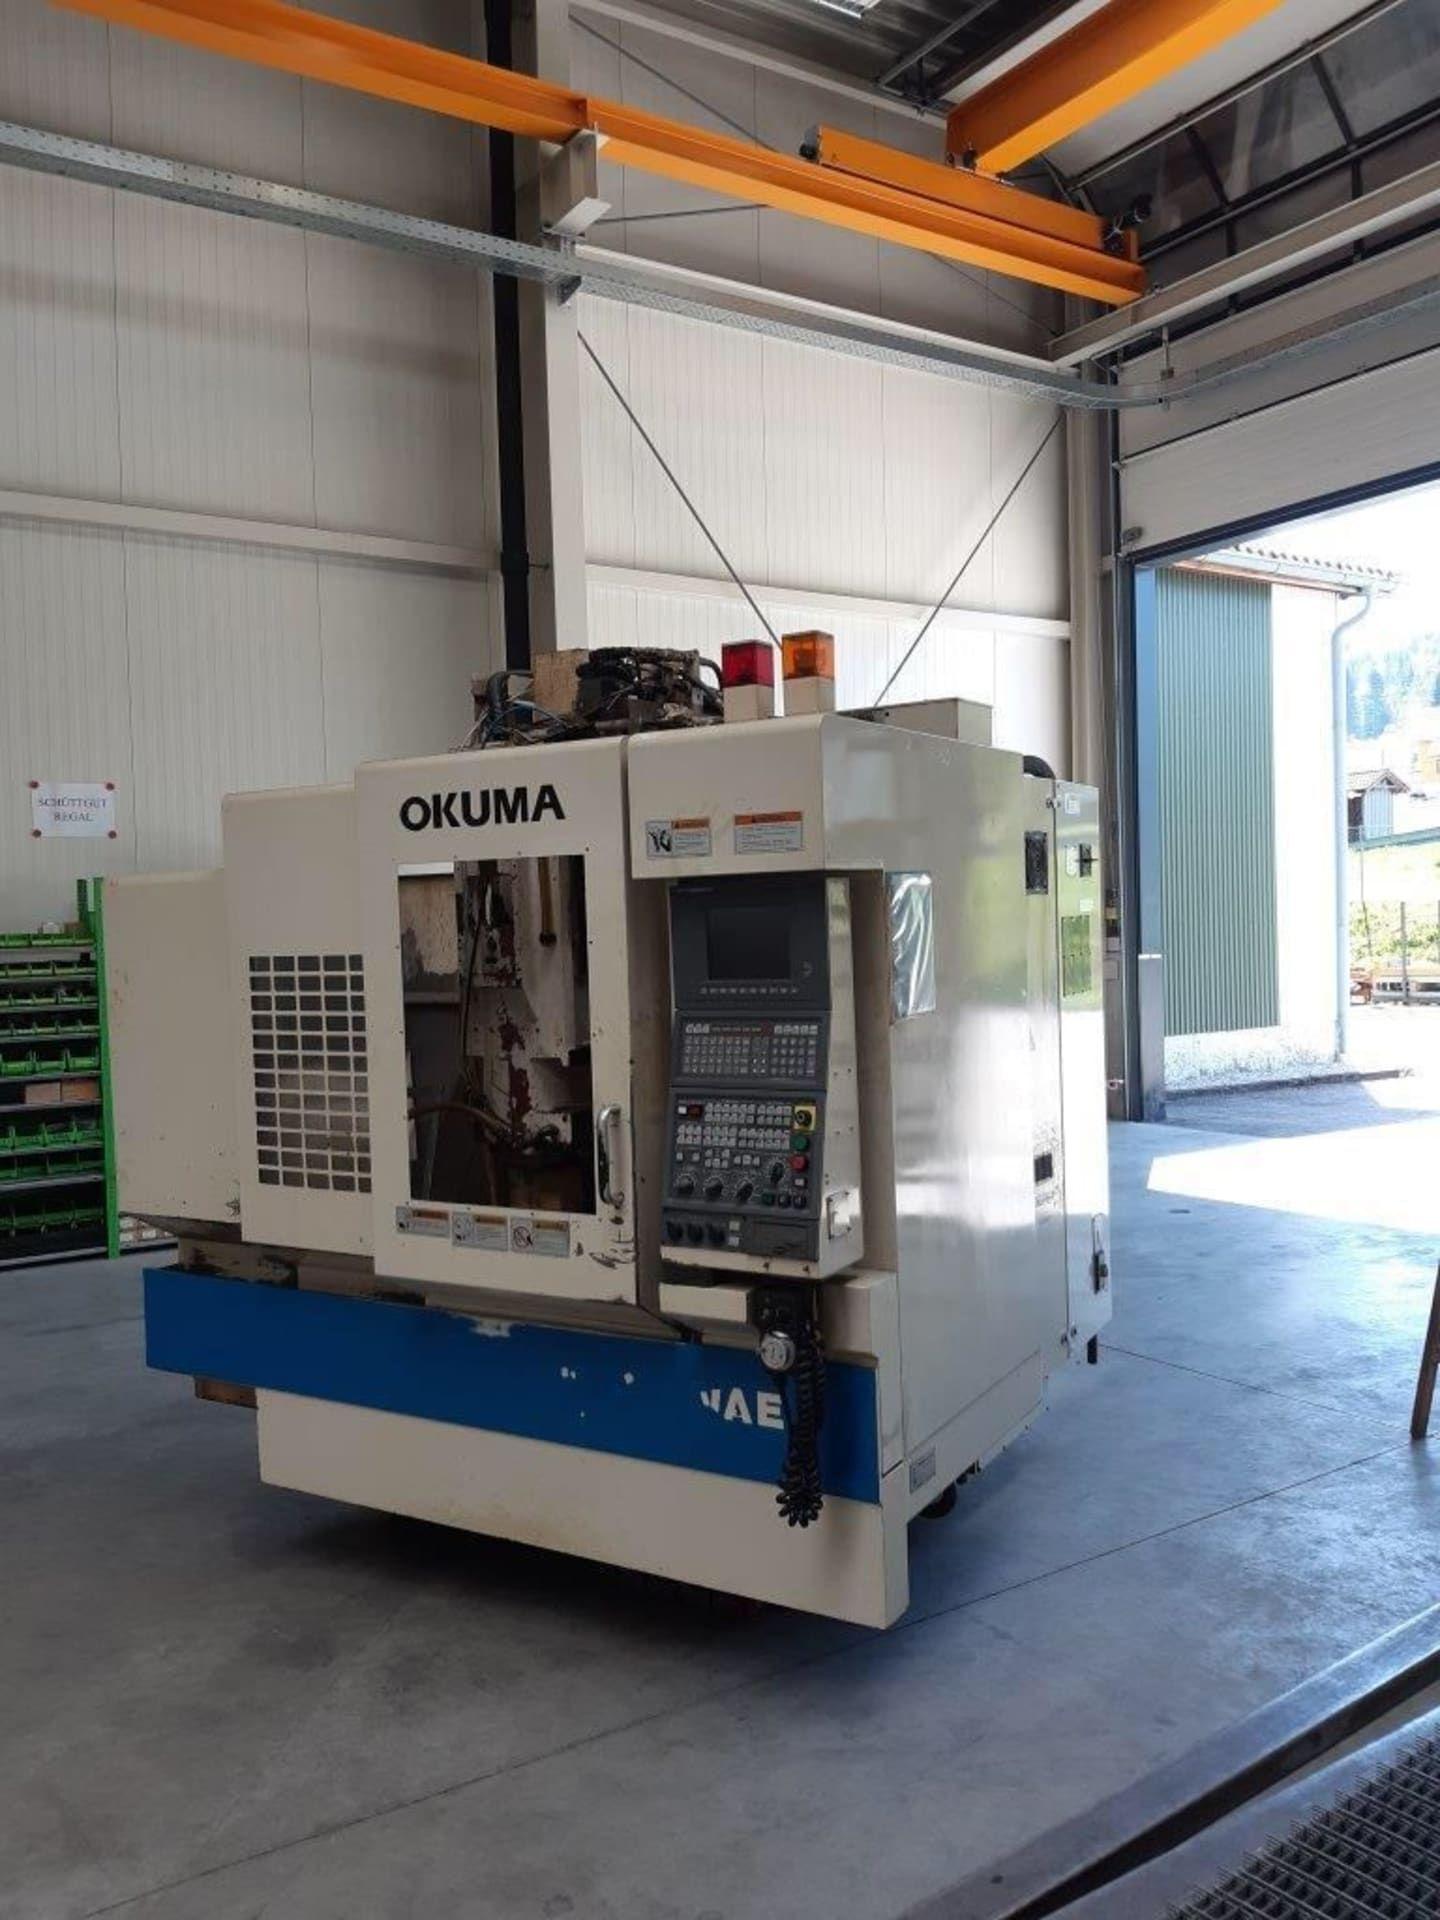 OKUMA MX 45 VAE CNC-Bearbeitungszentrum - Ersatzteilträger